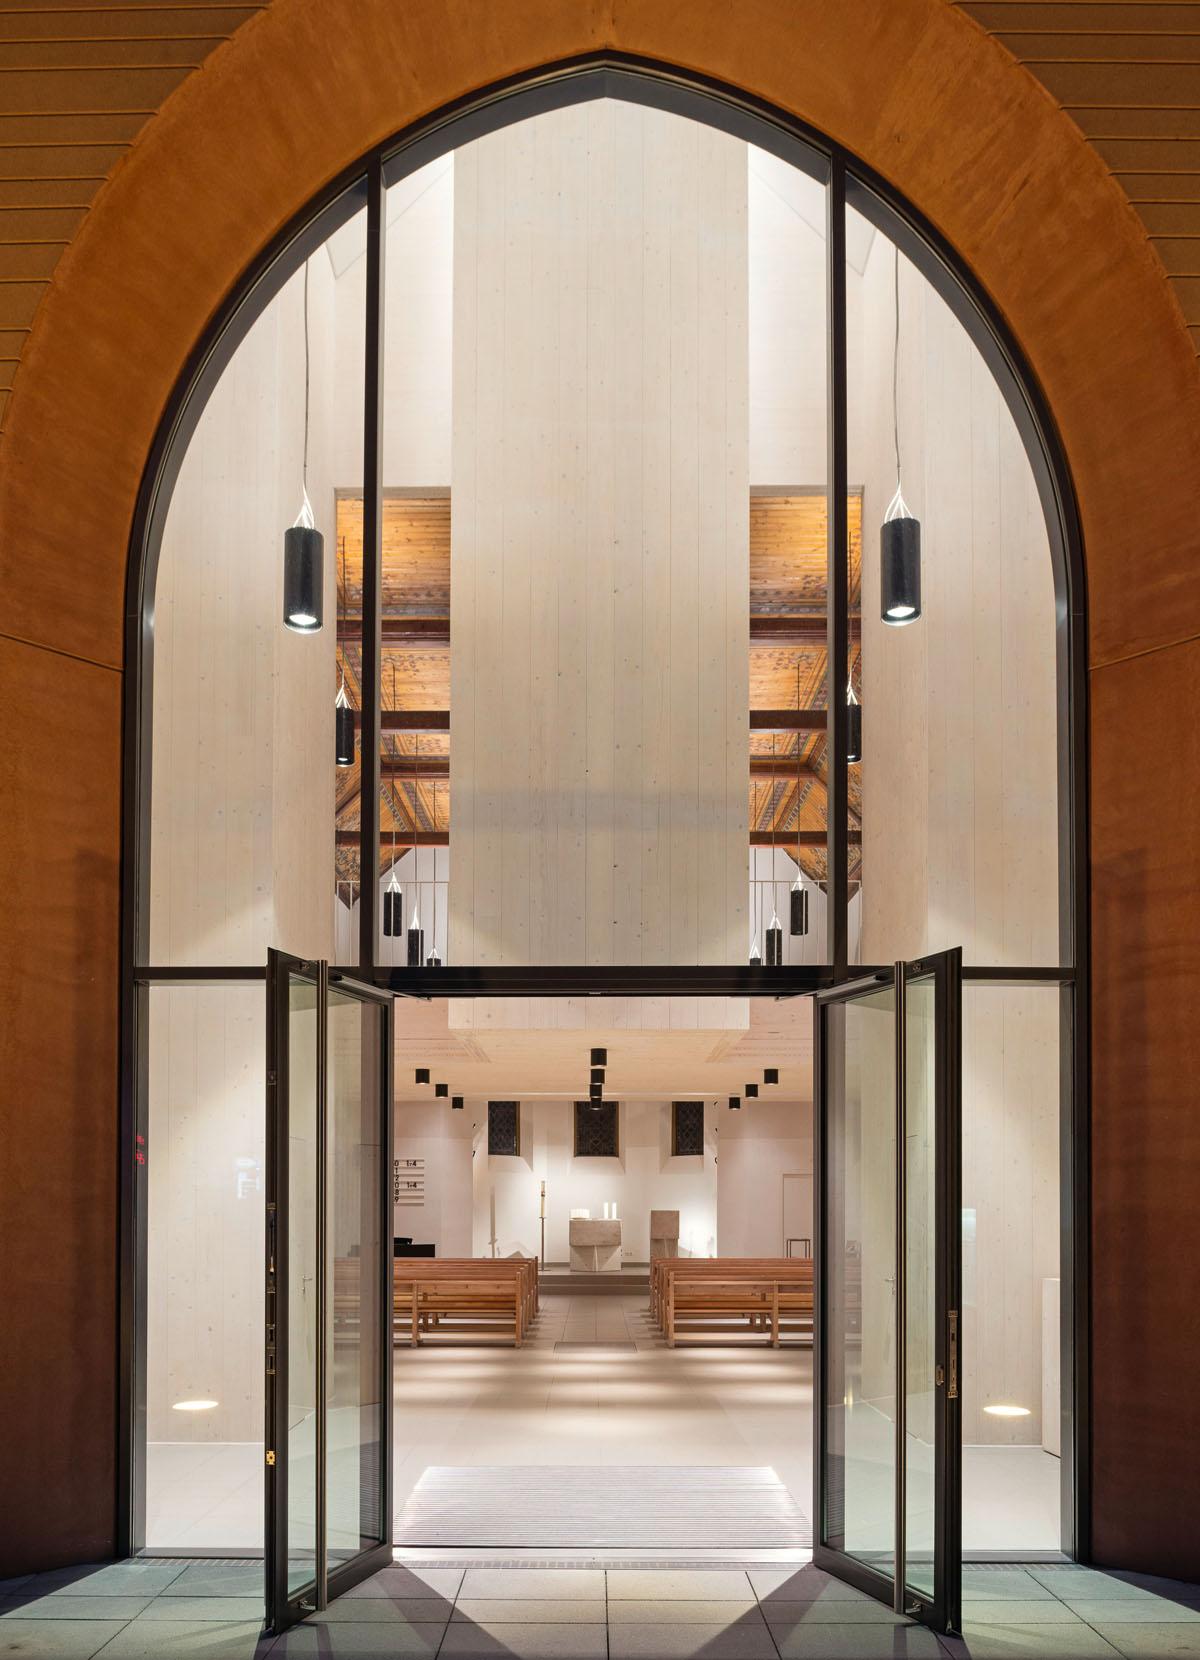 Blick von außen nach in den Kirchenraum der Evangelischen Kirche in Altenbach. Das Gläserne Eingangsportal bietet einen guten Einblick in den Innenraum.